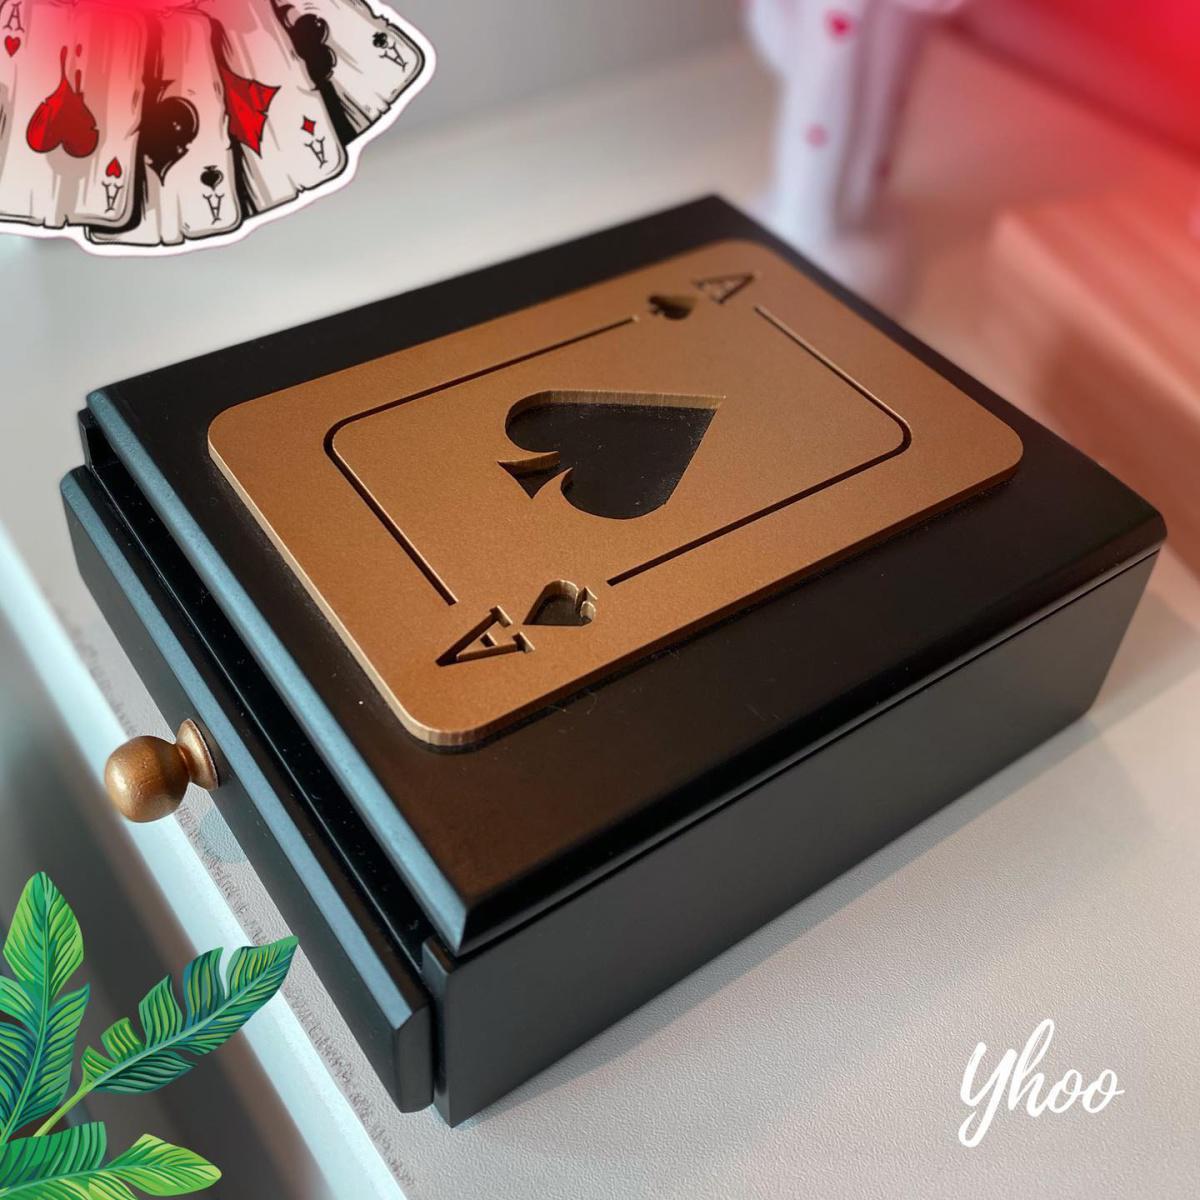 Yhoo Presentes e Decorações